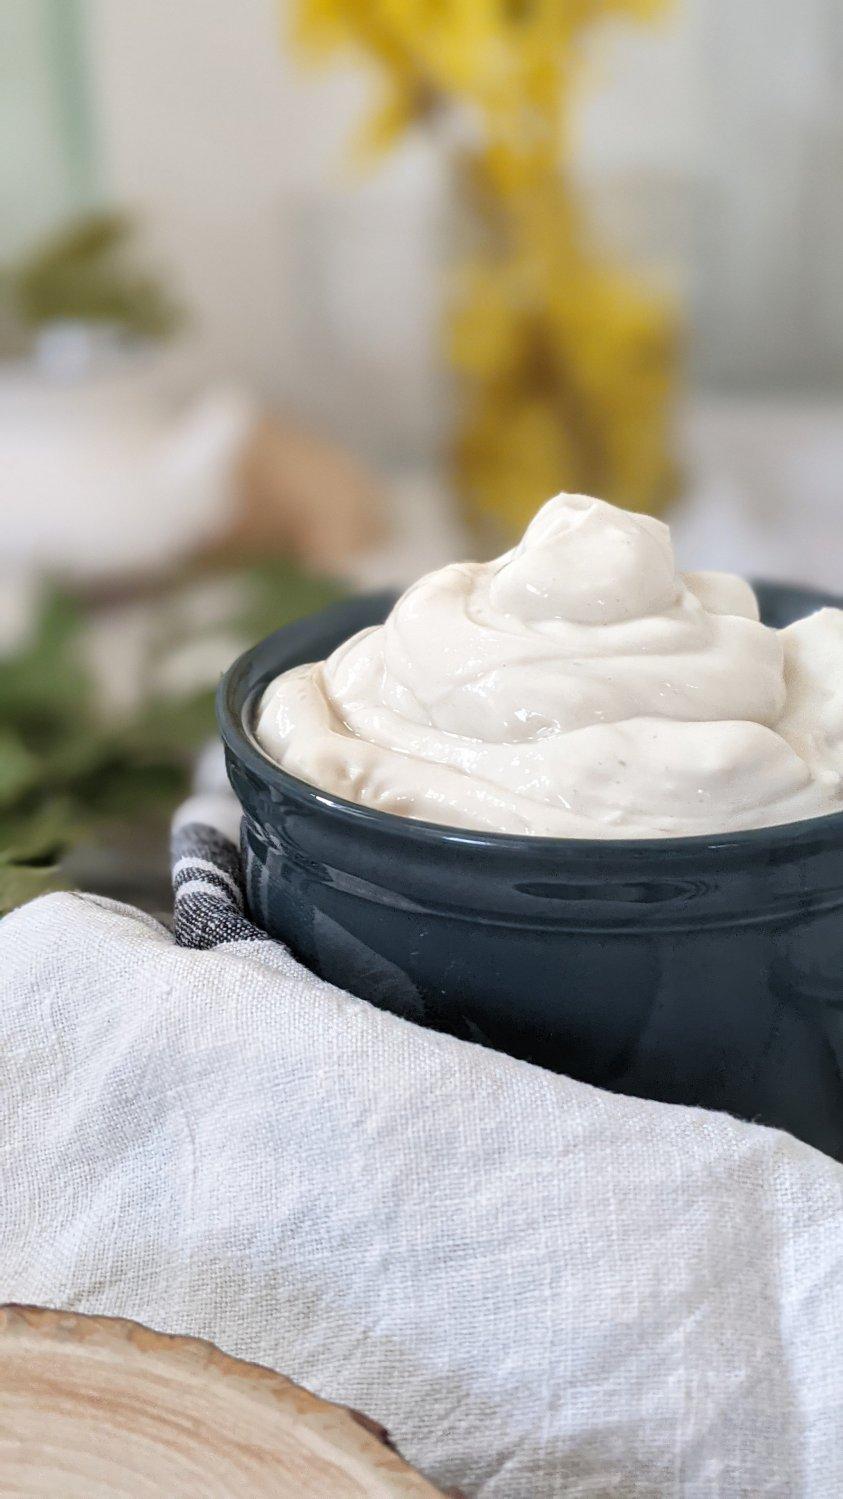 non dairy sour cream recipe vegan tofu sour cream vegan craime fraiche recipe healthy creme fraiche recipe gluten free no dairy free sour creams